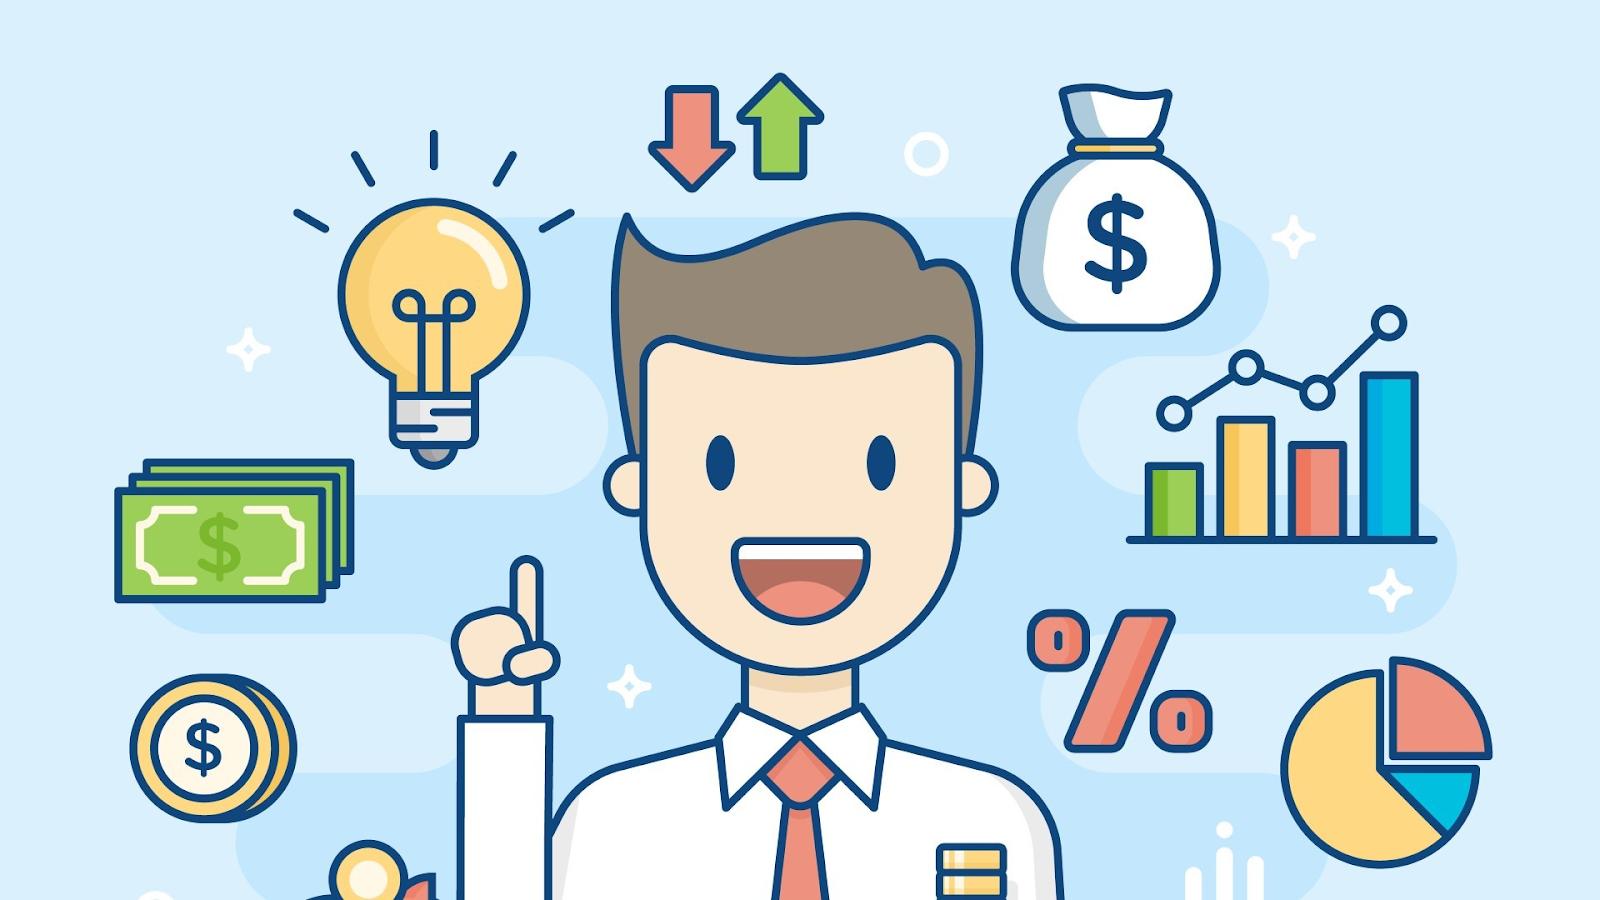 Vay tiền online nhanh mang đến rất nhiều lợi ích cho người tiêu dùng